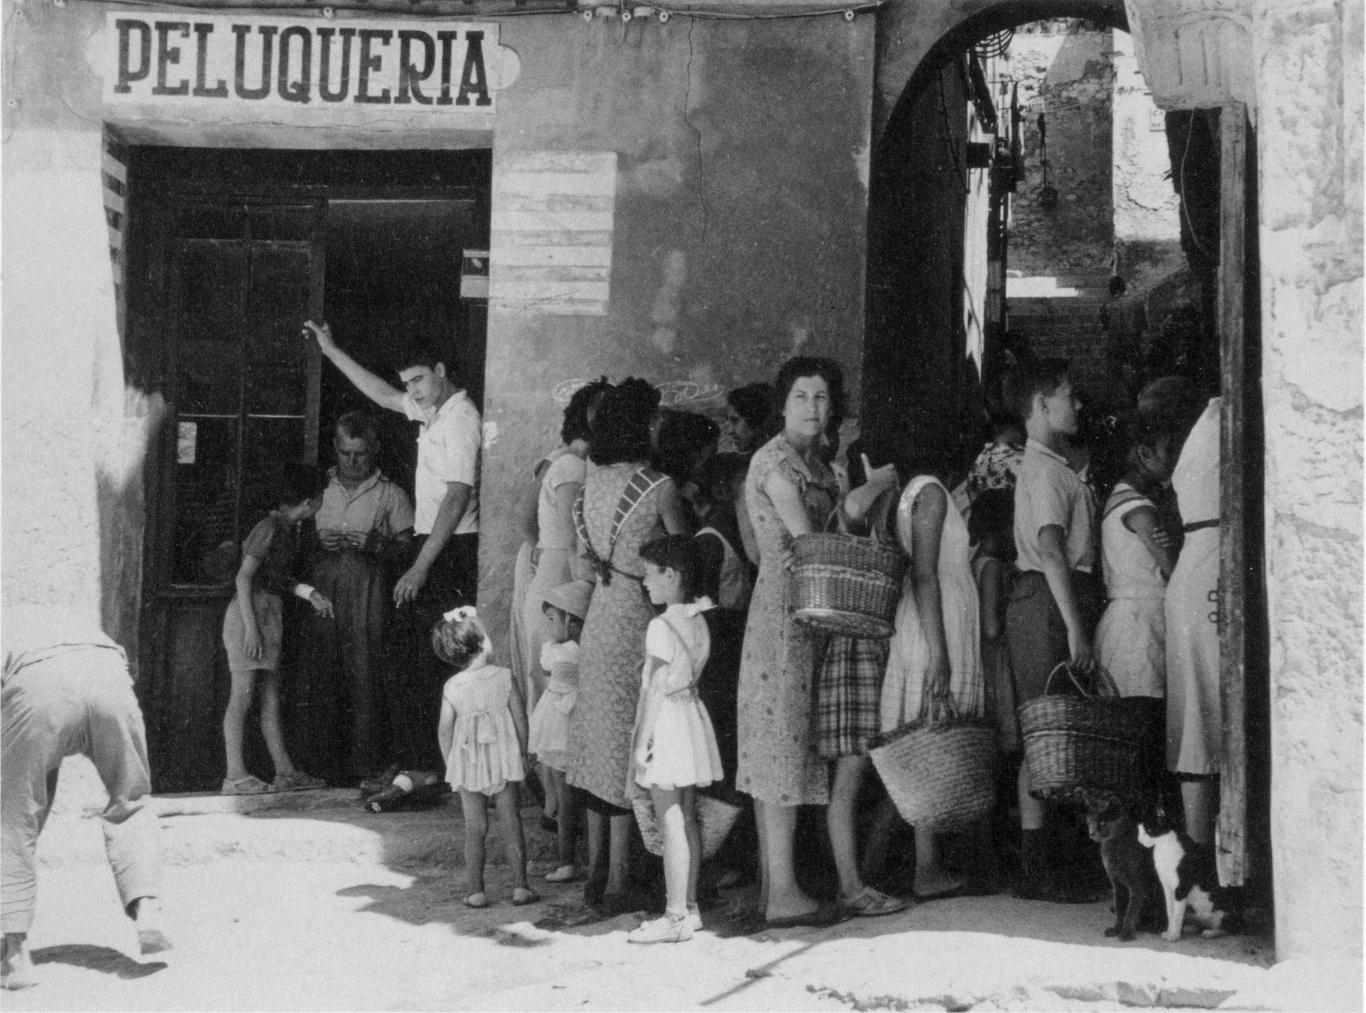 Foto en blanco y negro con gente haciendo cola en la puerta de una peluquería antigua